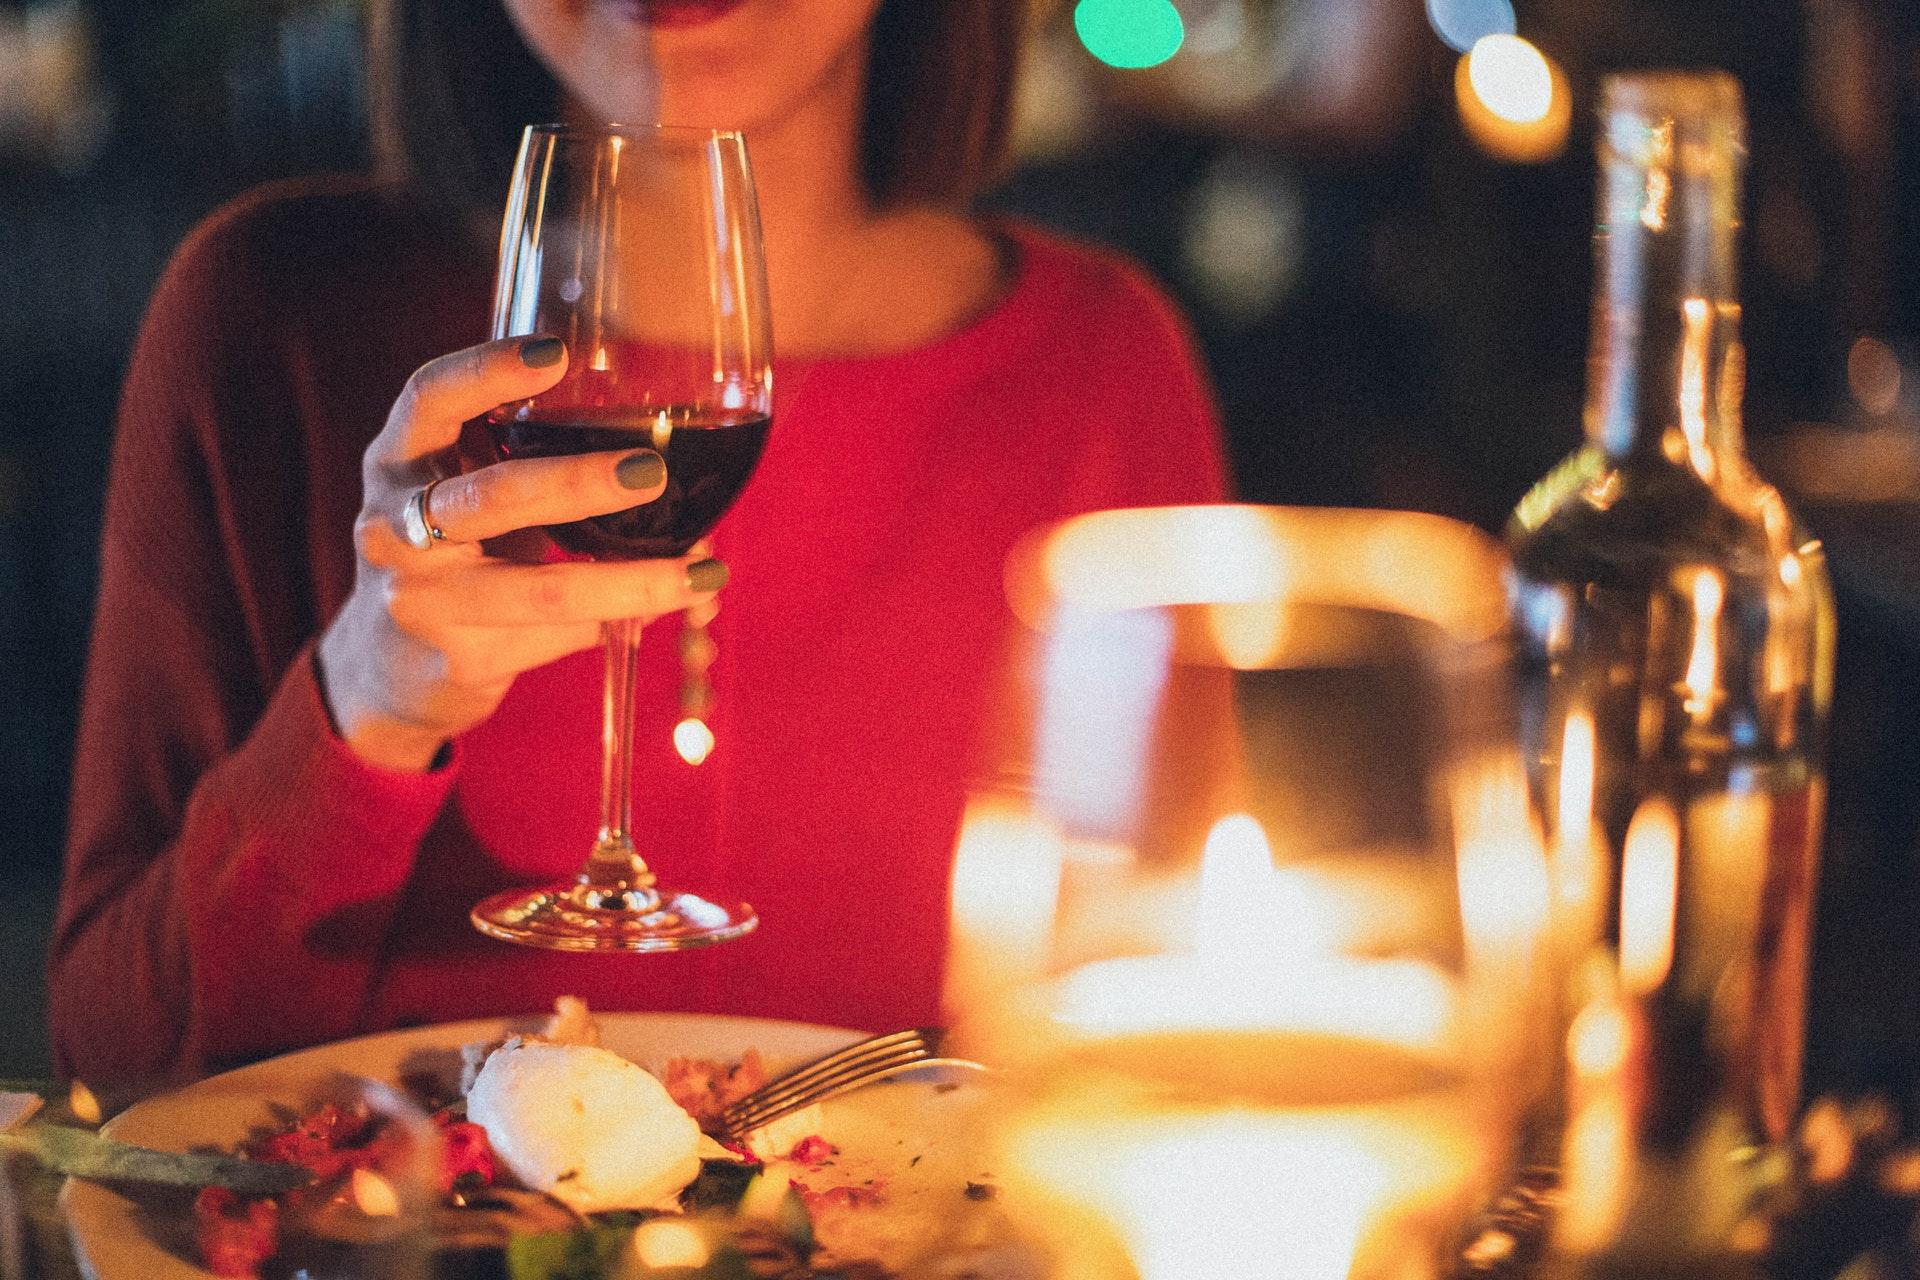 ワインを片手に微笑む女性